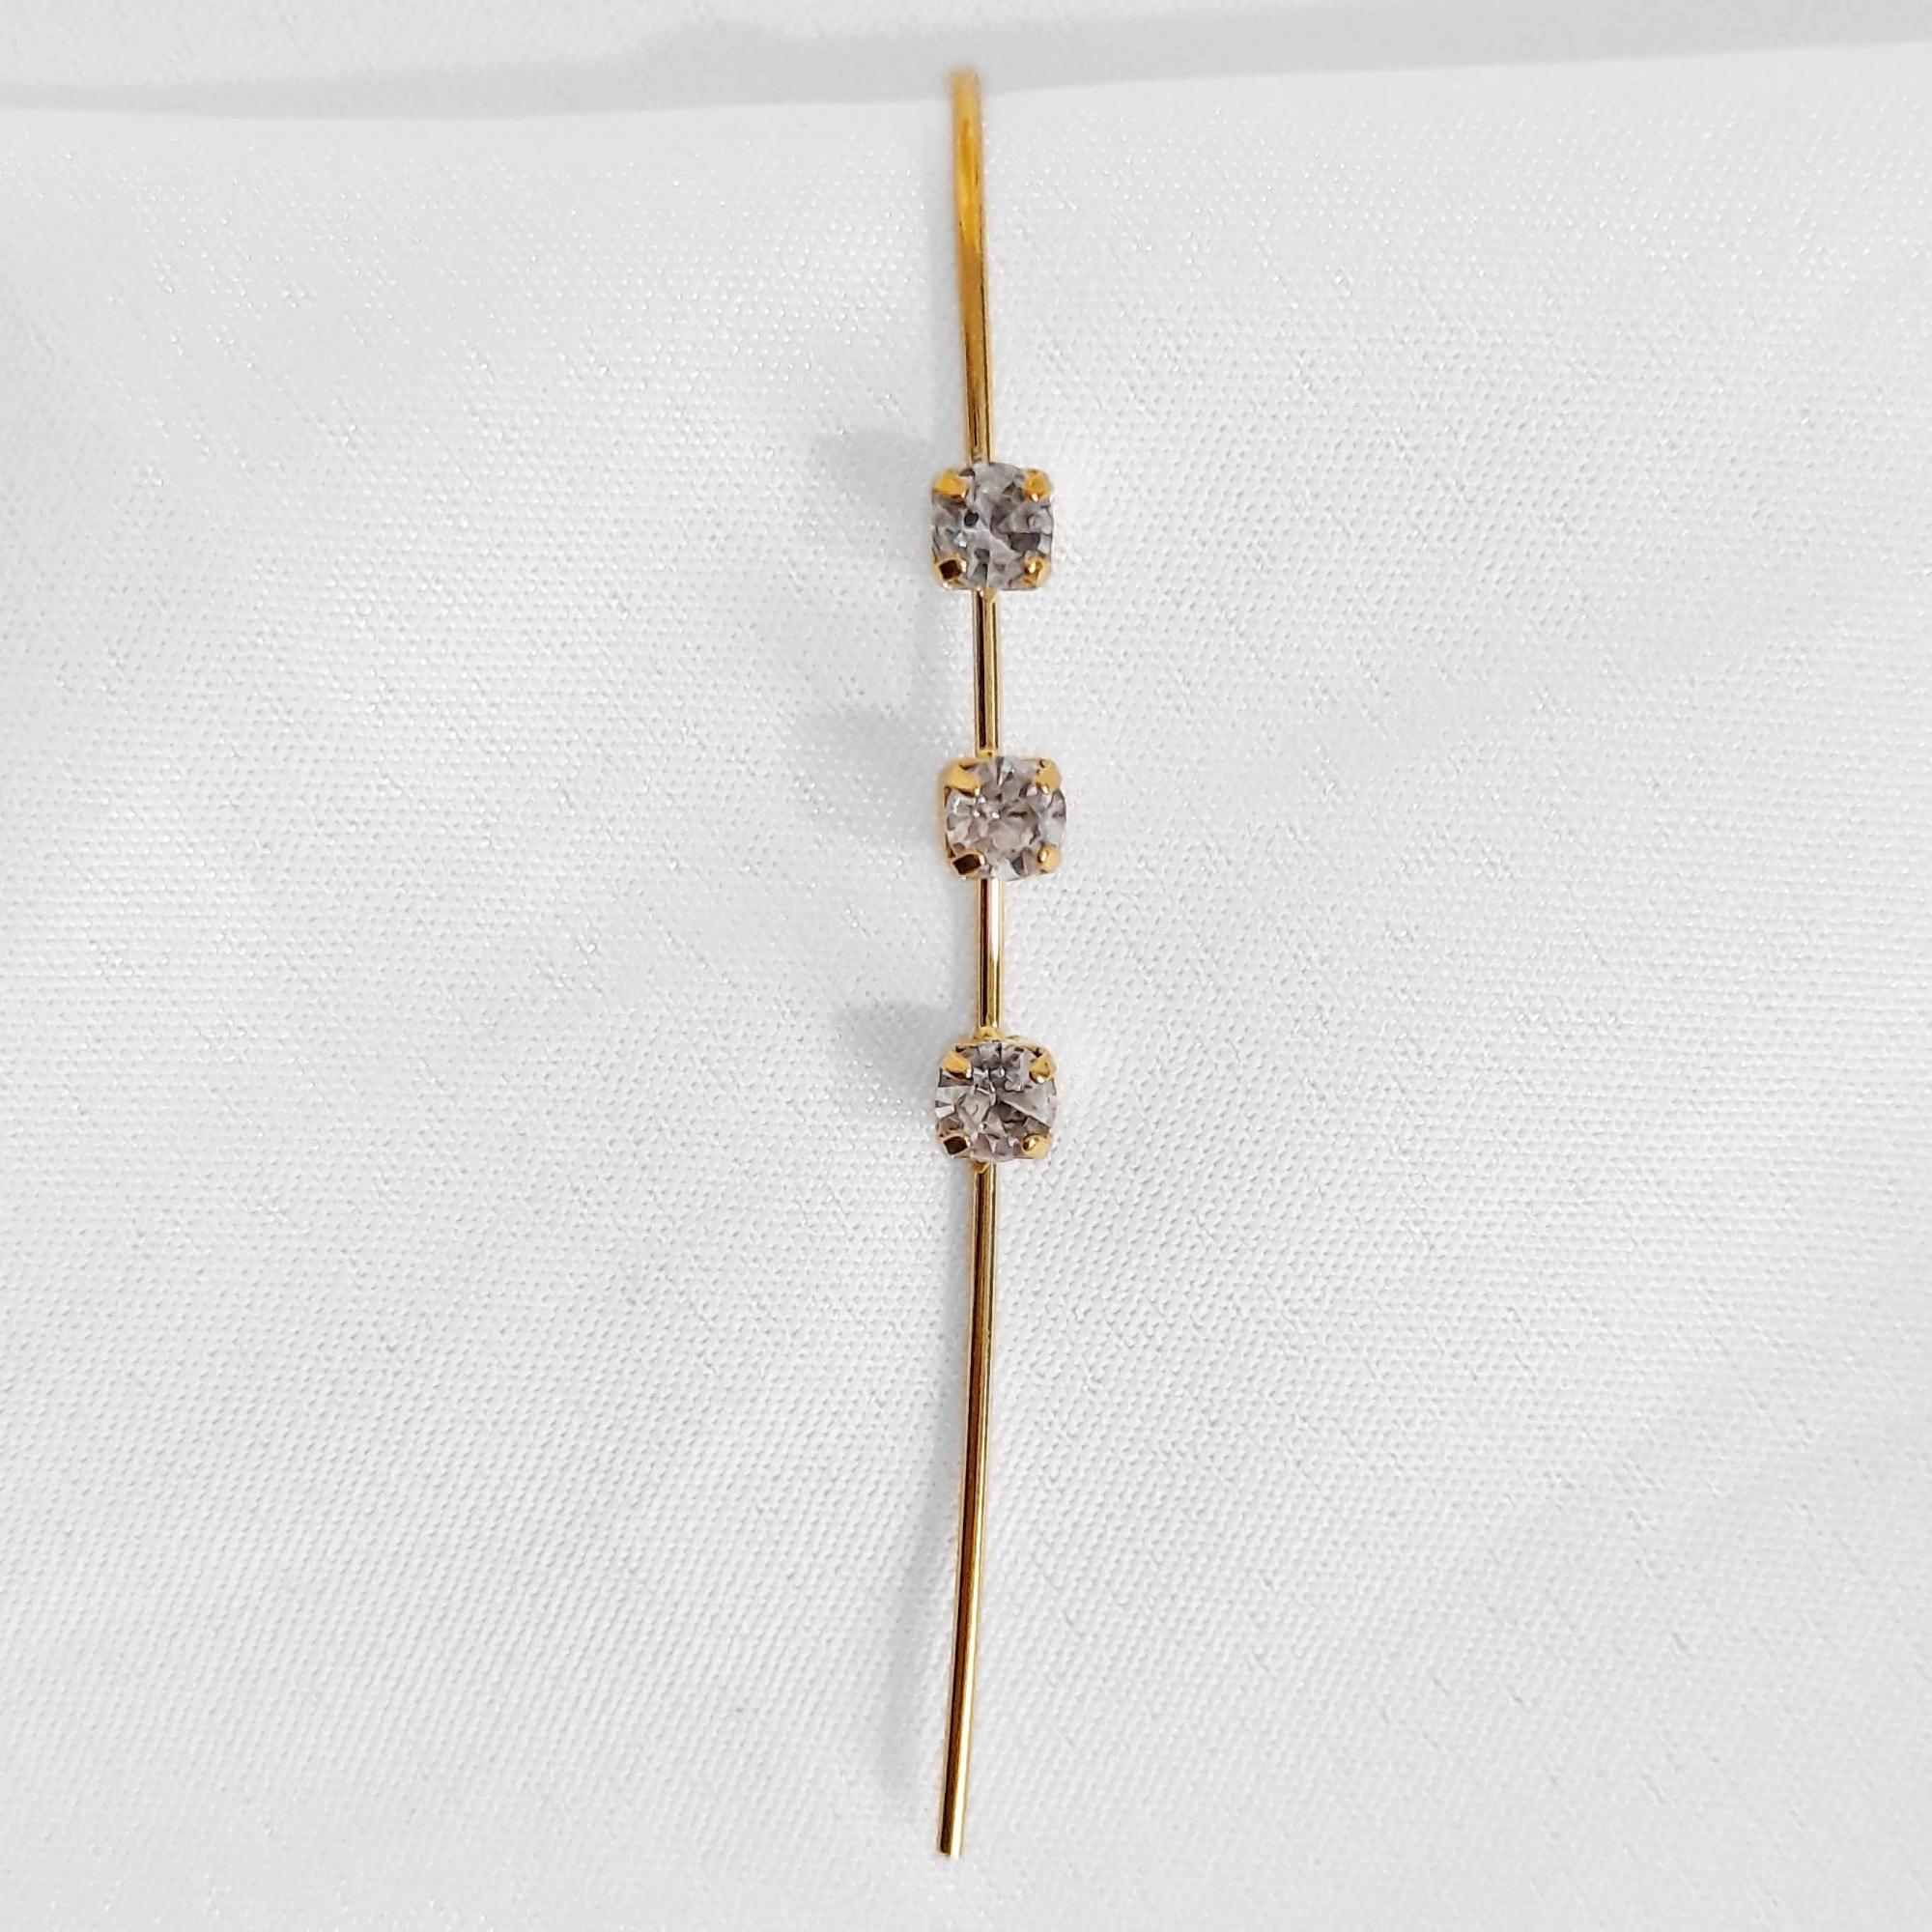 Brinco Hook Light 3 Pedras Strass Folheado Ouro 18k  - Lunozê Joias